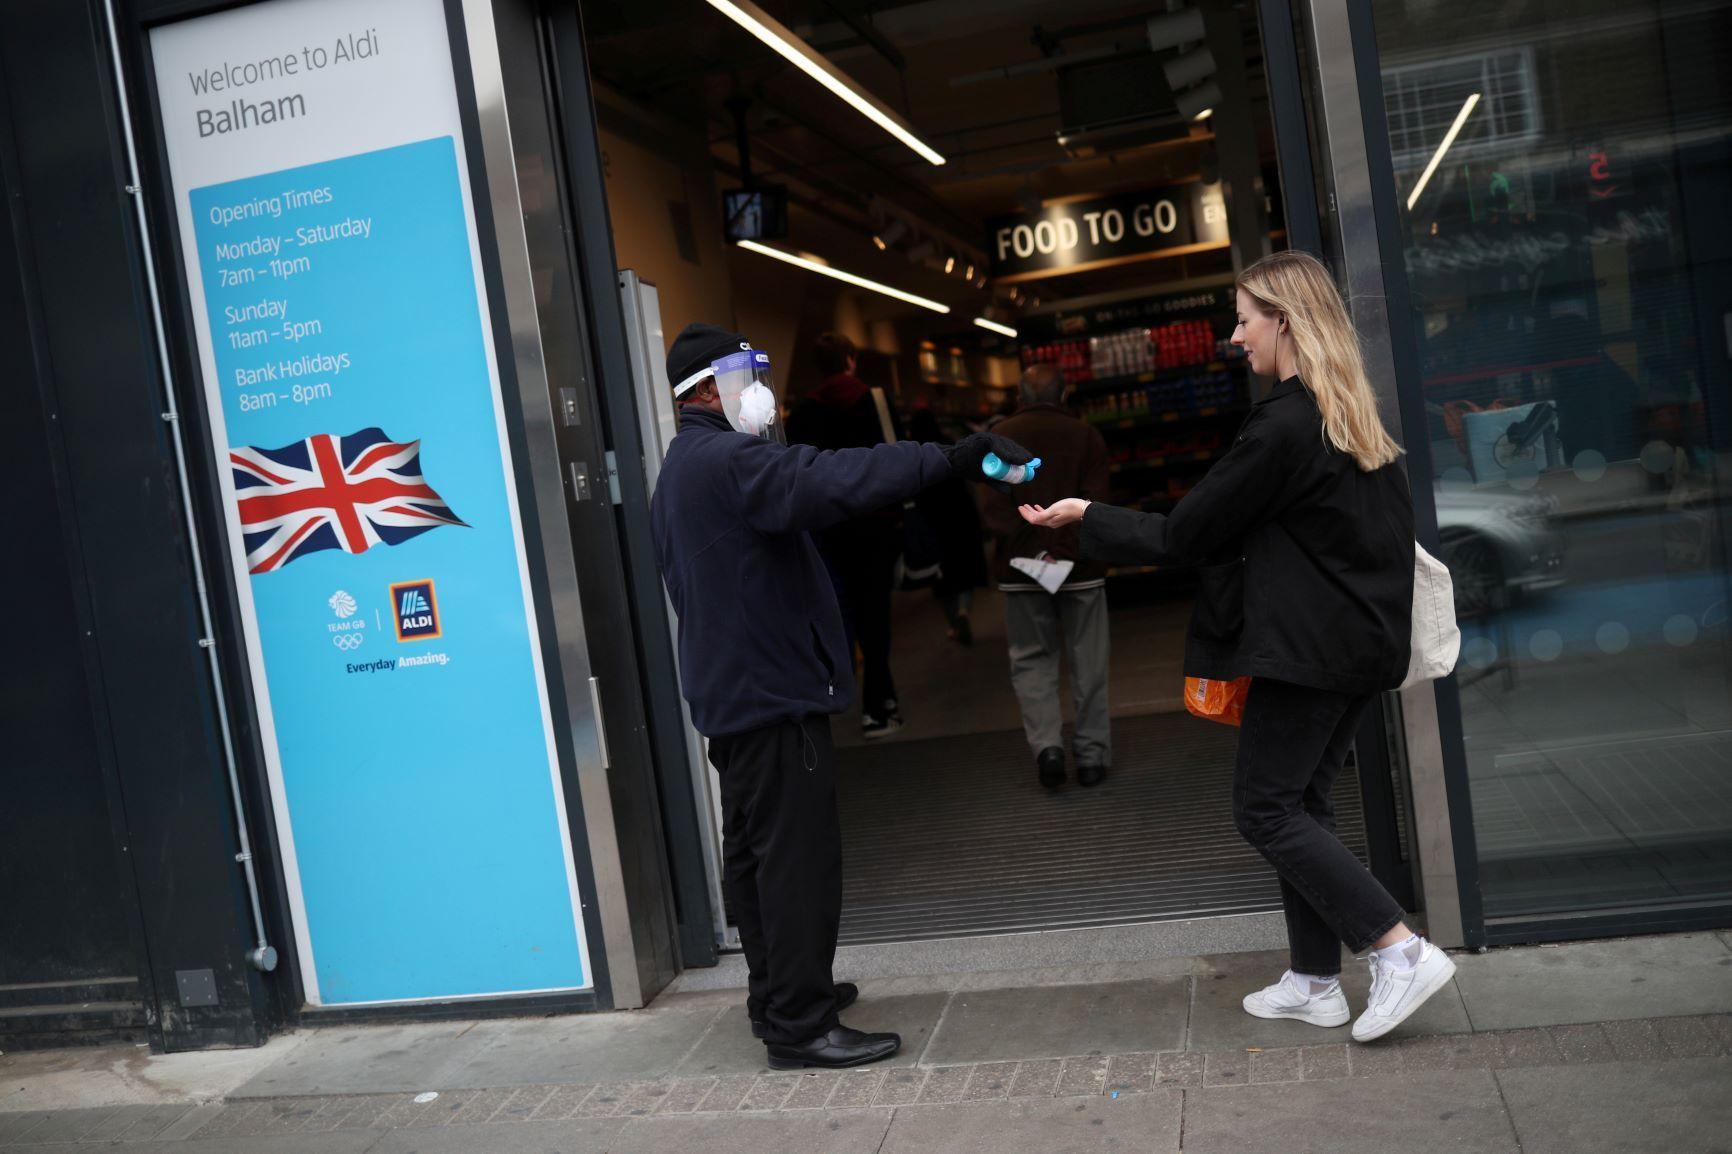 خبراء يحذرون بريطانيا من موجات عدوى قادمة